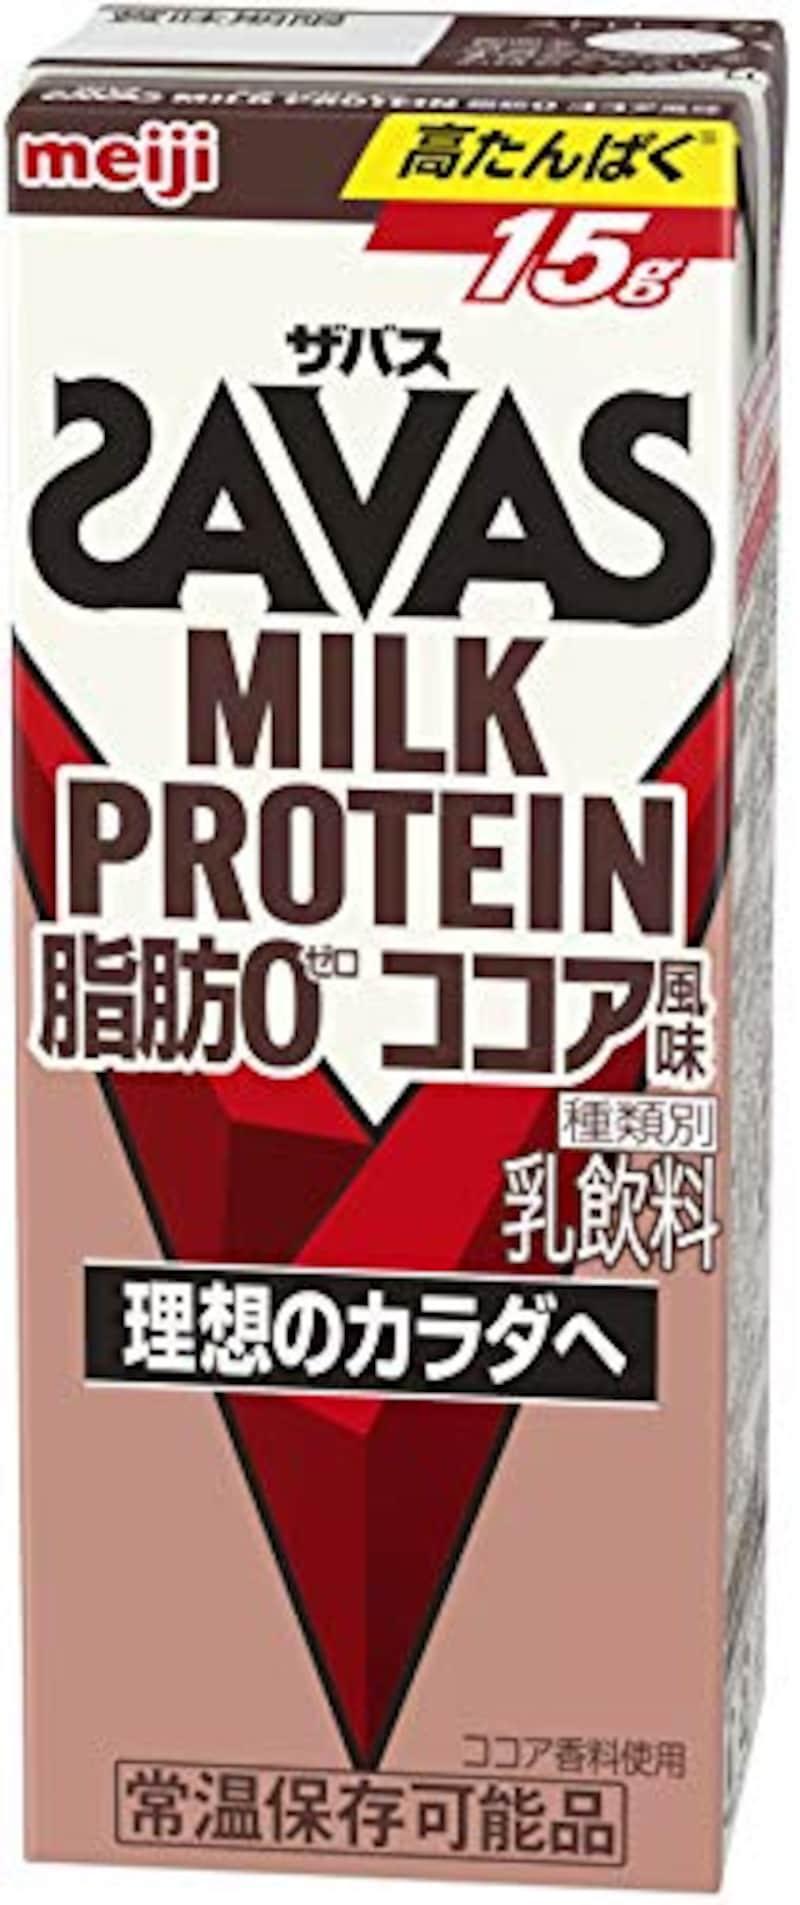 明治 ザバス(SAVAS) ,ミルクプロテイン 脂肪 0 ココア風味